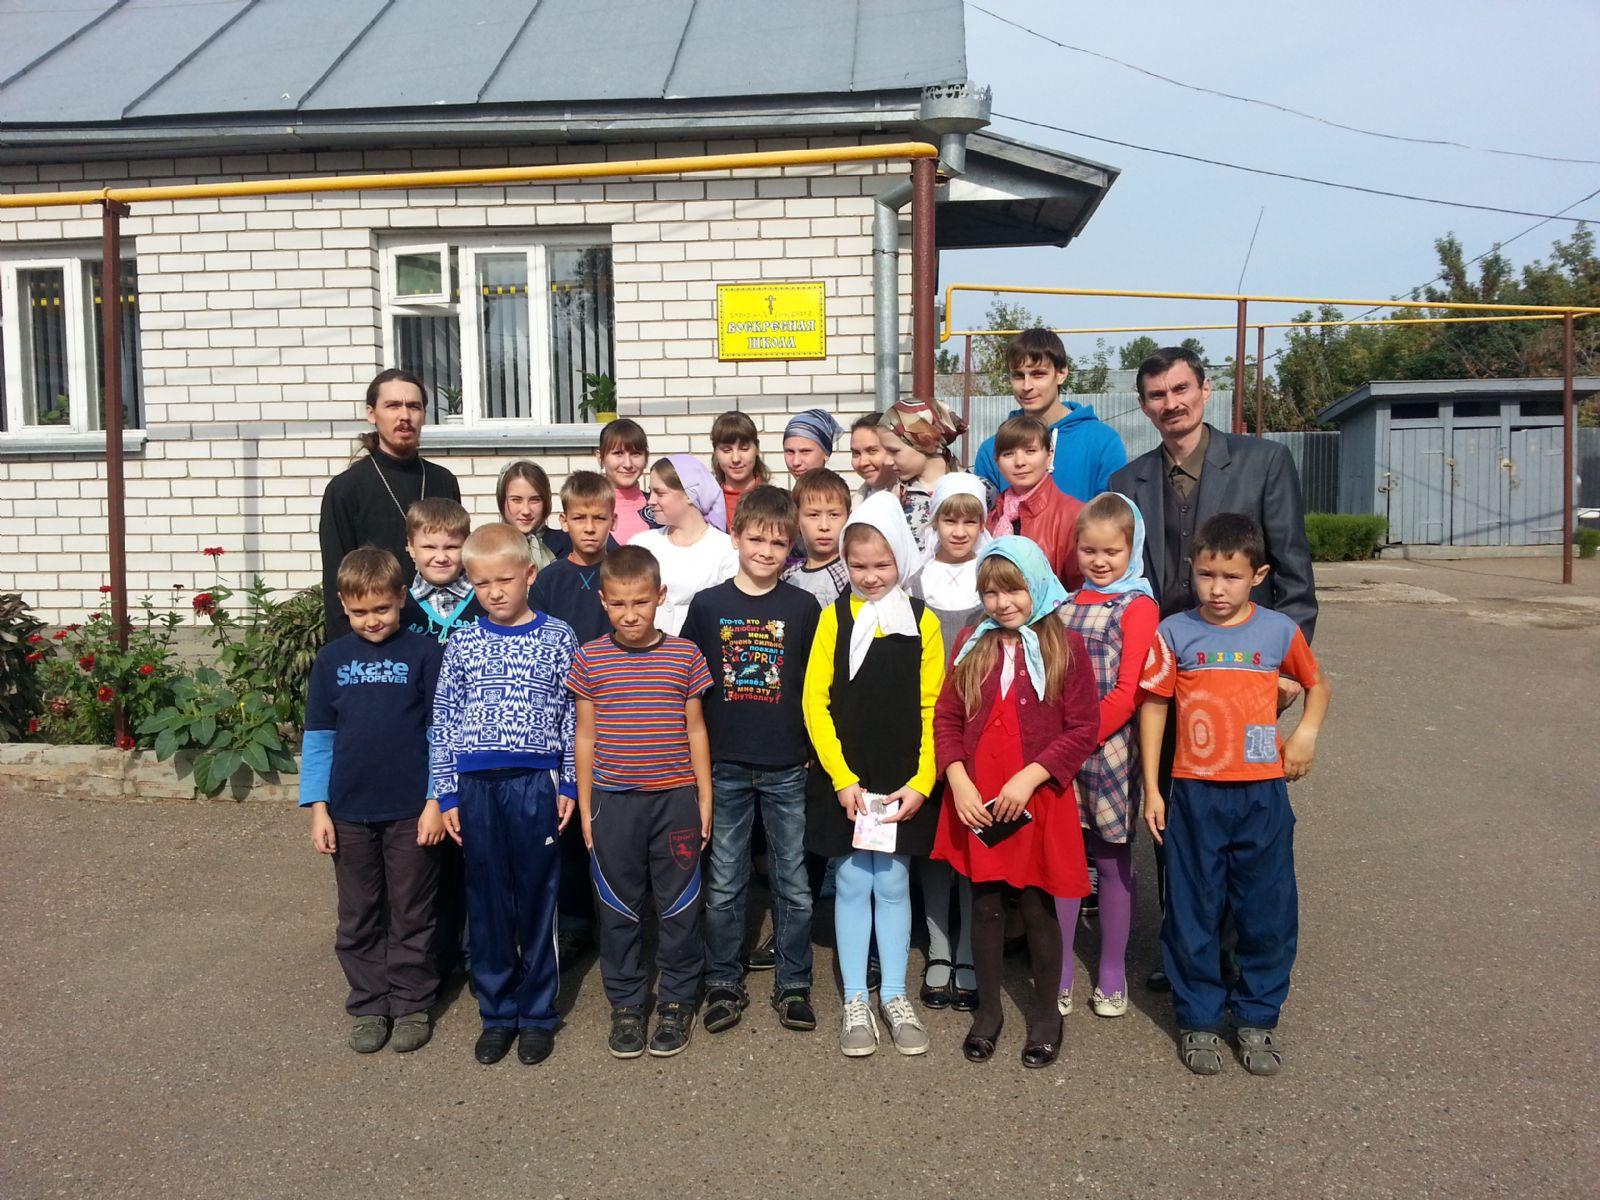 Дом 20 м0b2 на участке 30 сот - объявление о покупке, продаже или аренде в республике татарстан на avito